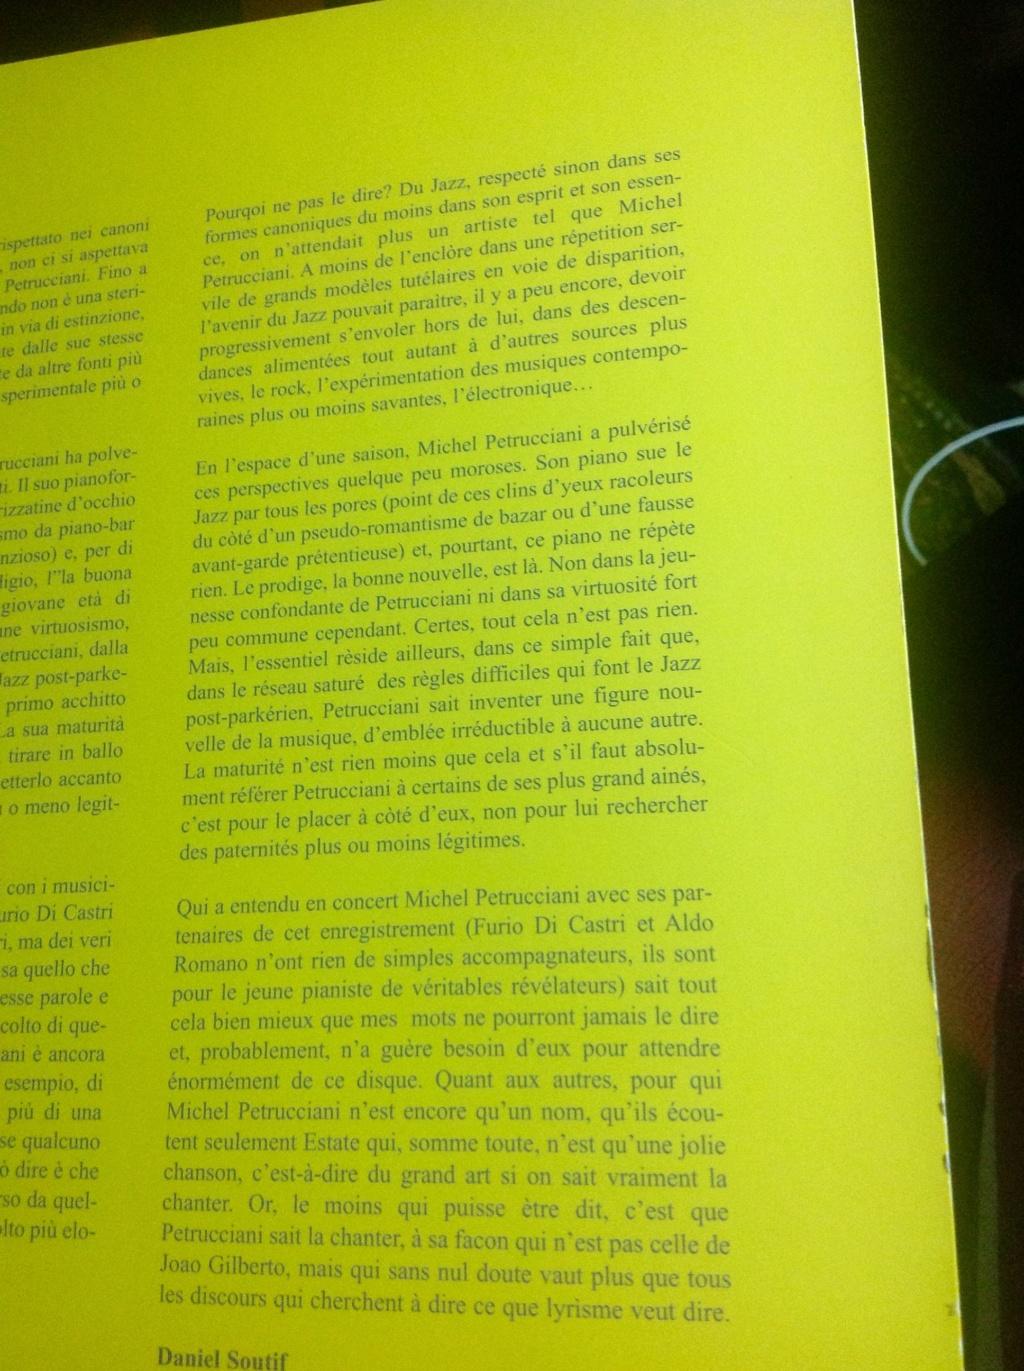 Vinilos con muy buen sonido - Página 2 Image179